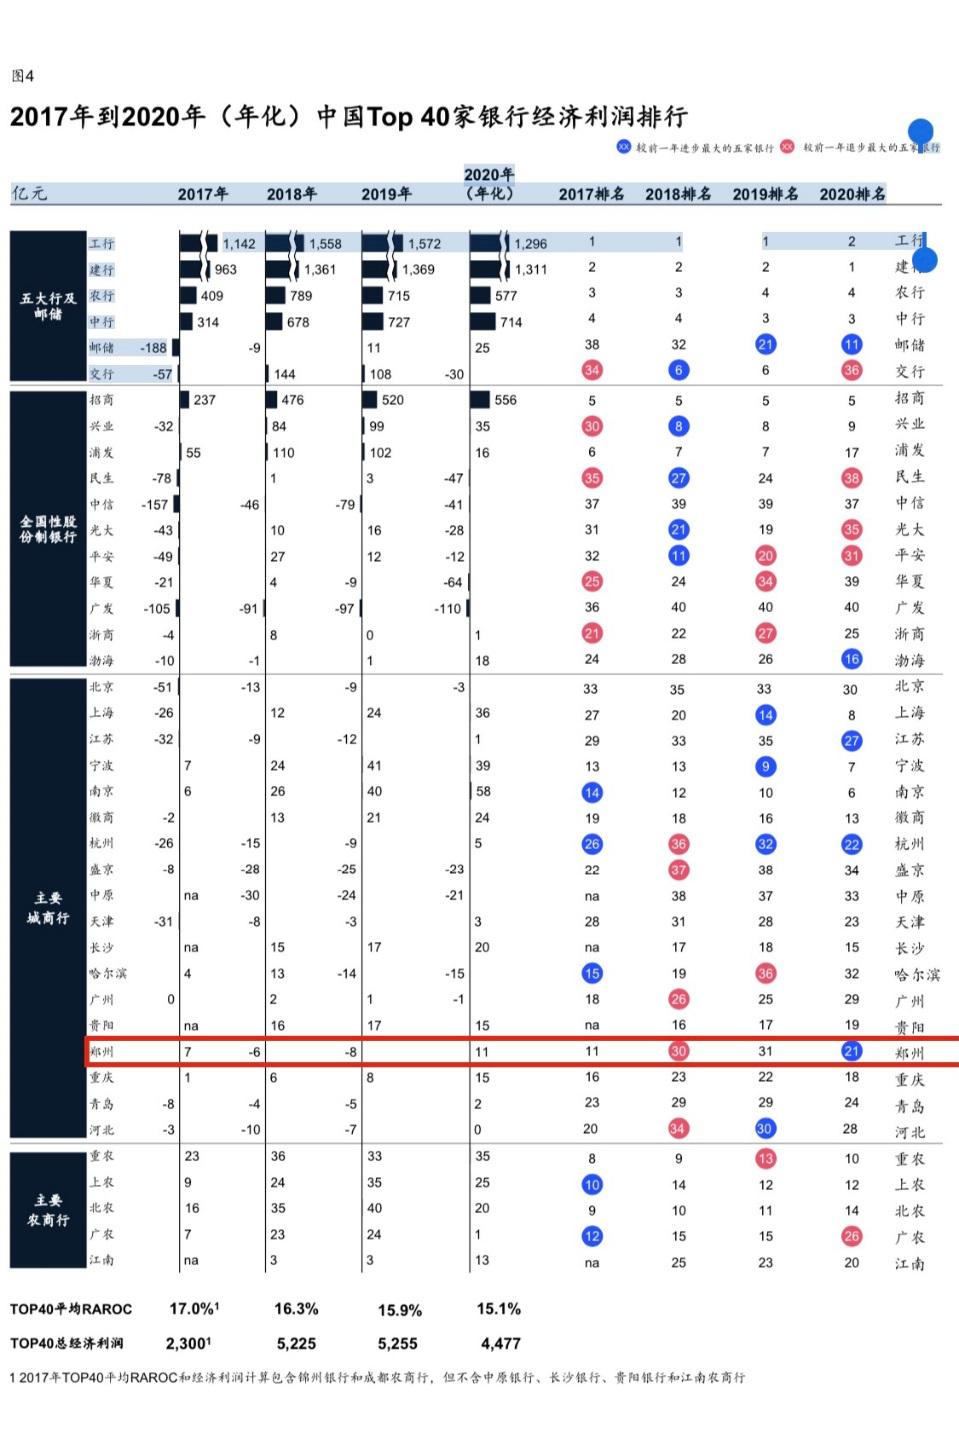 """""""中国TOP40银行价值创造排行榜""""来啦!郑州银行RAROC排名跃至第16位"""